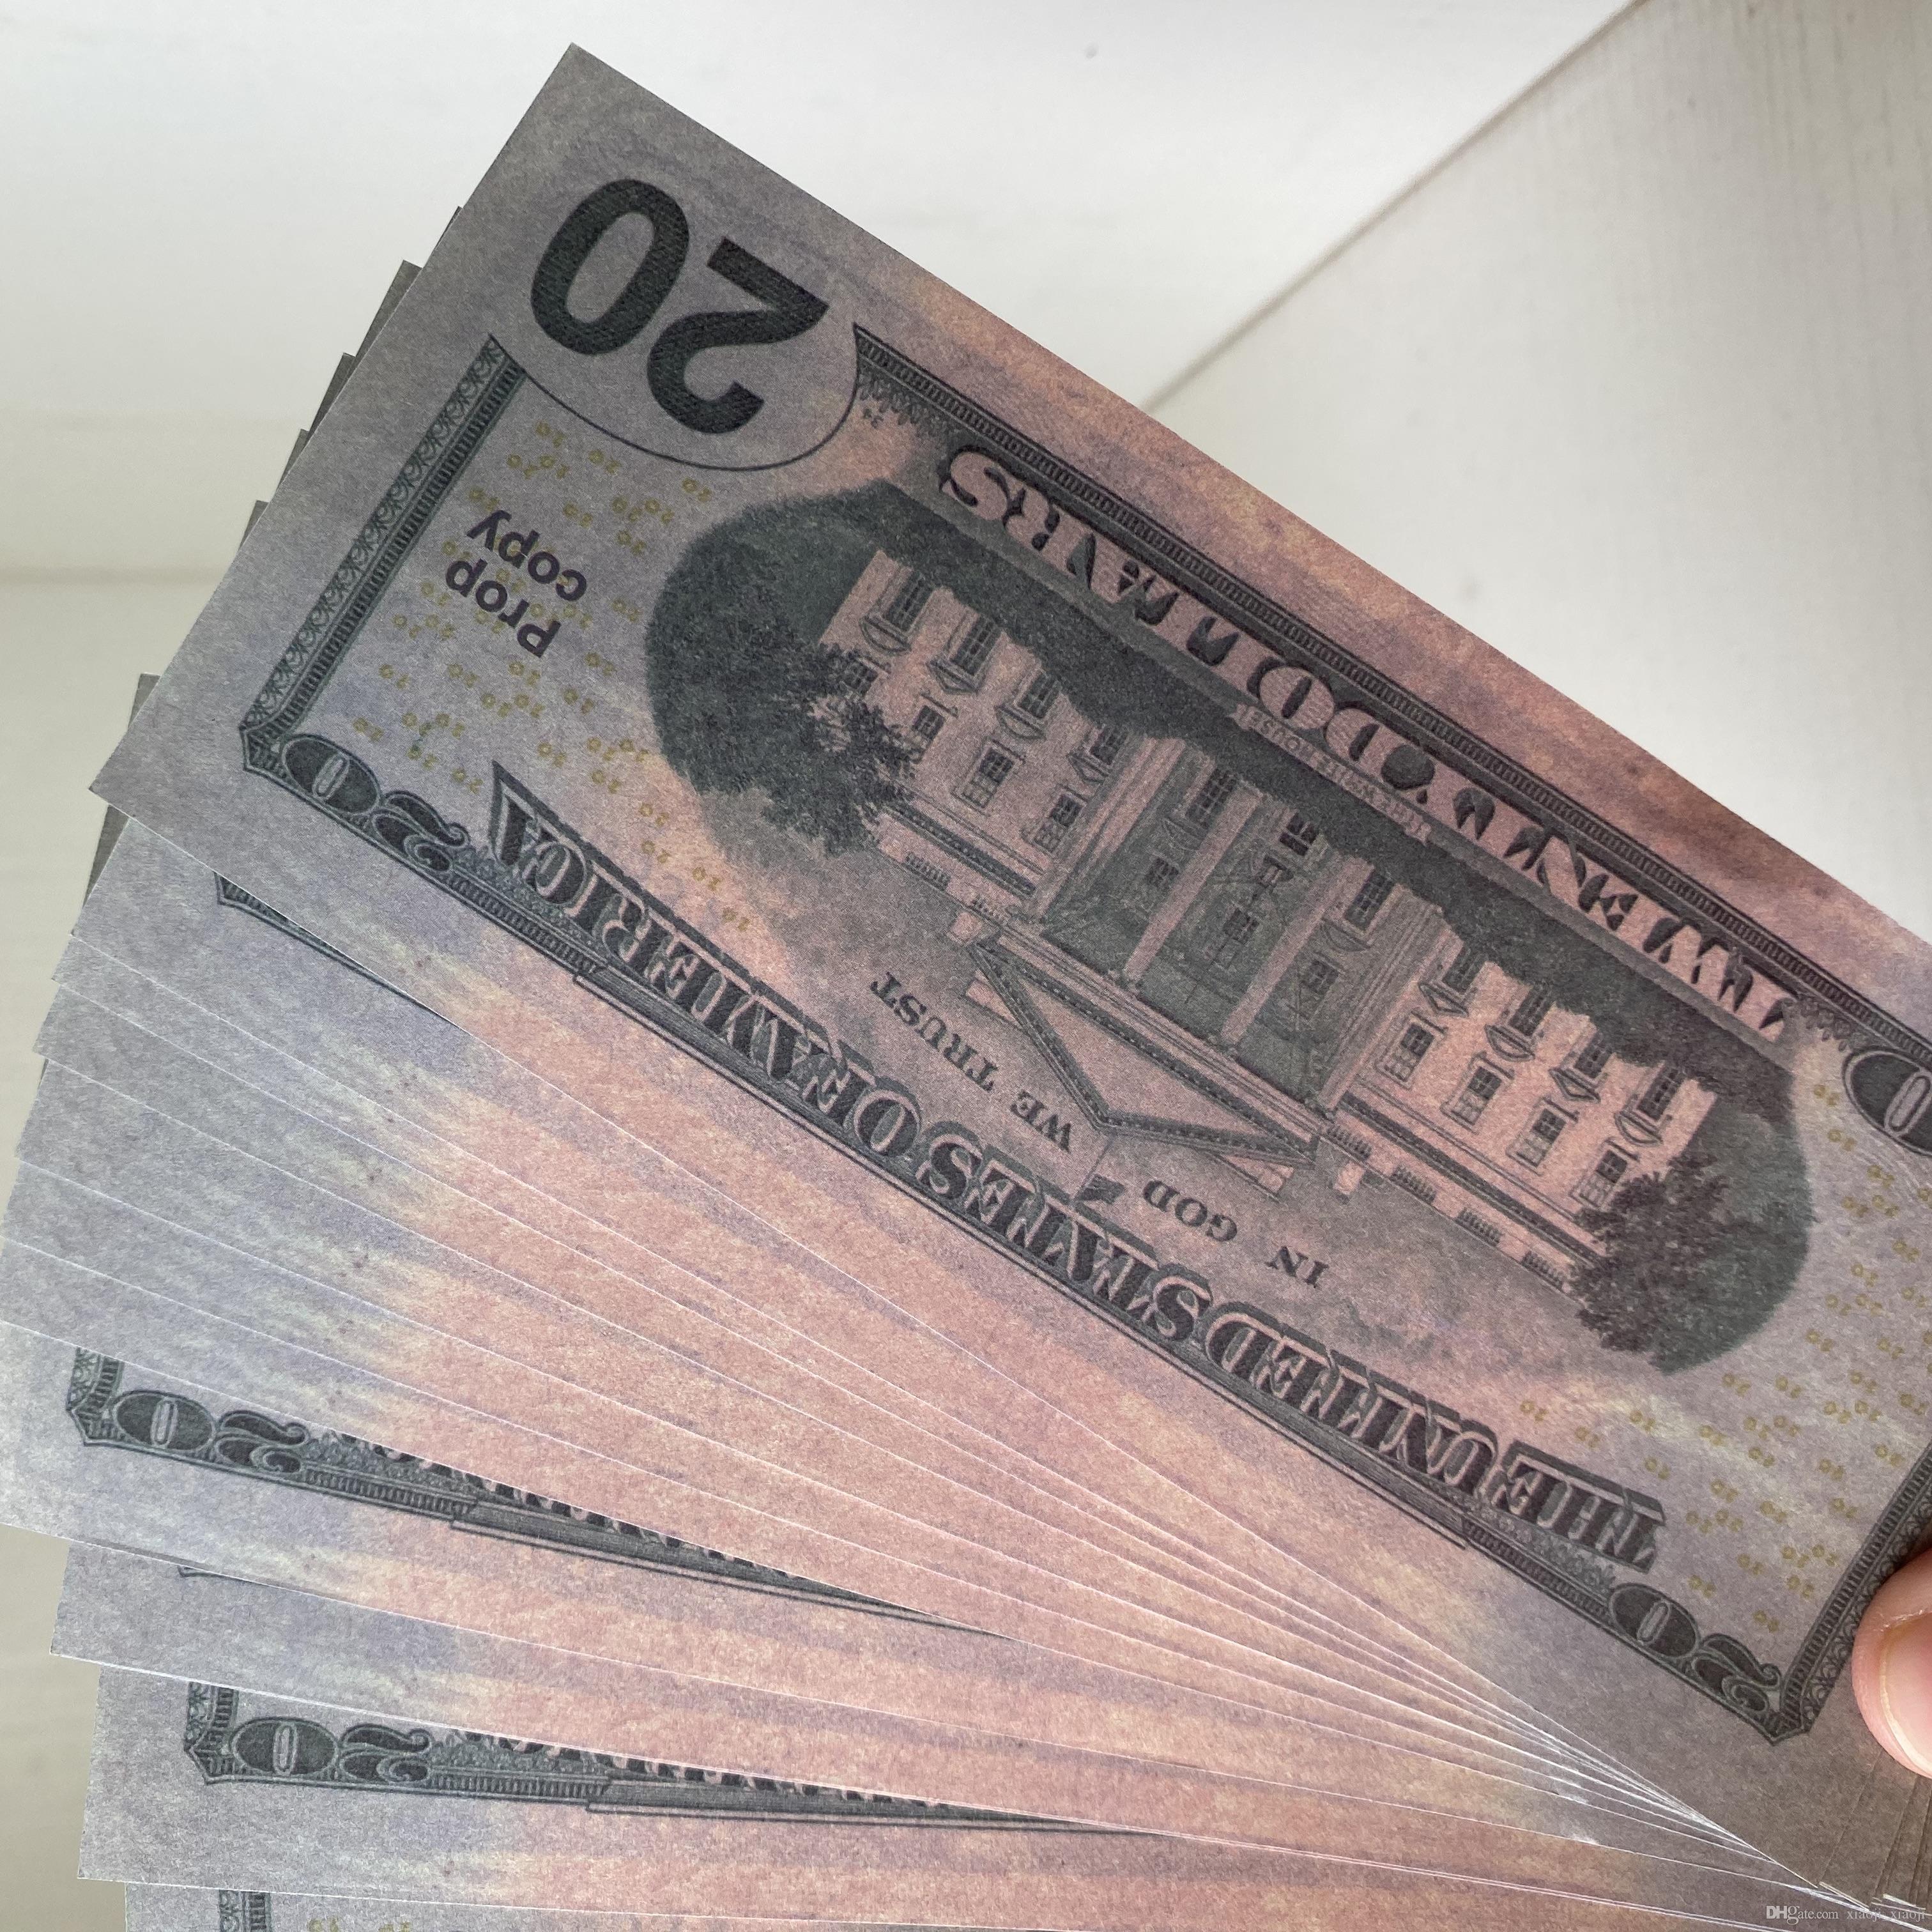 Geld Großhandel Home Quality Zählen Dollor Best 20 021 Gefälschte Geld Prop Fake Geld für Film Film Video Kinder Dekoration Jujec